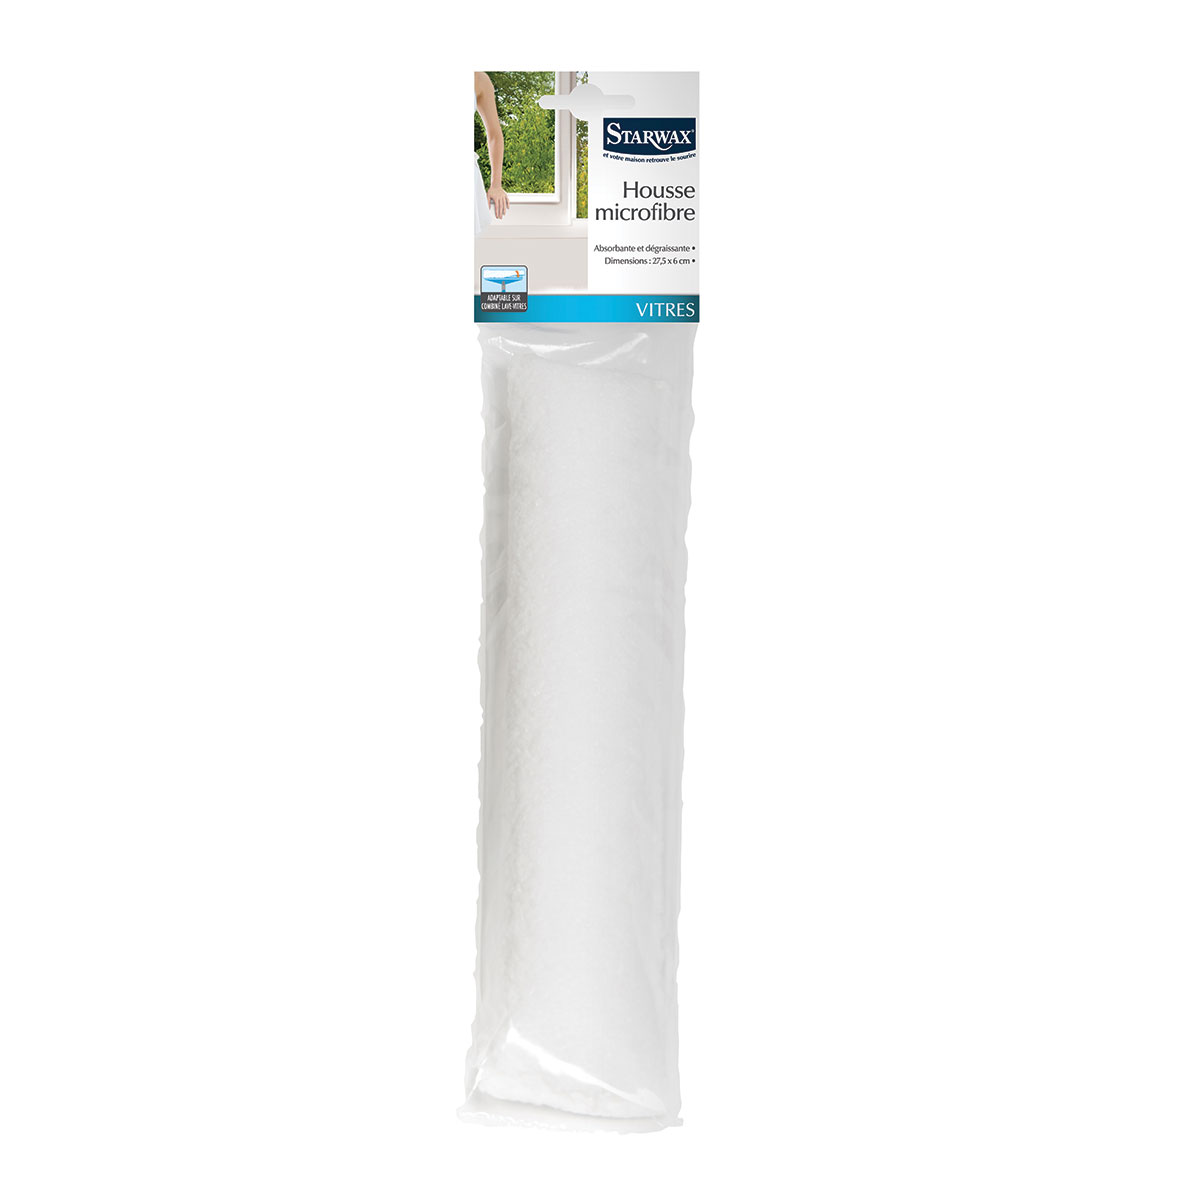 Housse microfibre pour combin lave vitres starwax produits d entretien maison - Produit deperlant pour vitres ...